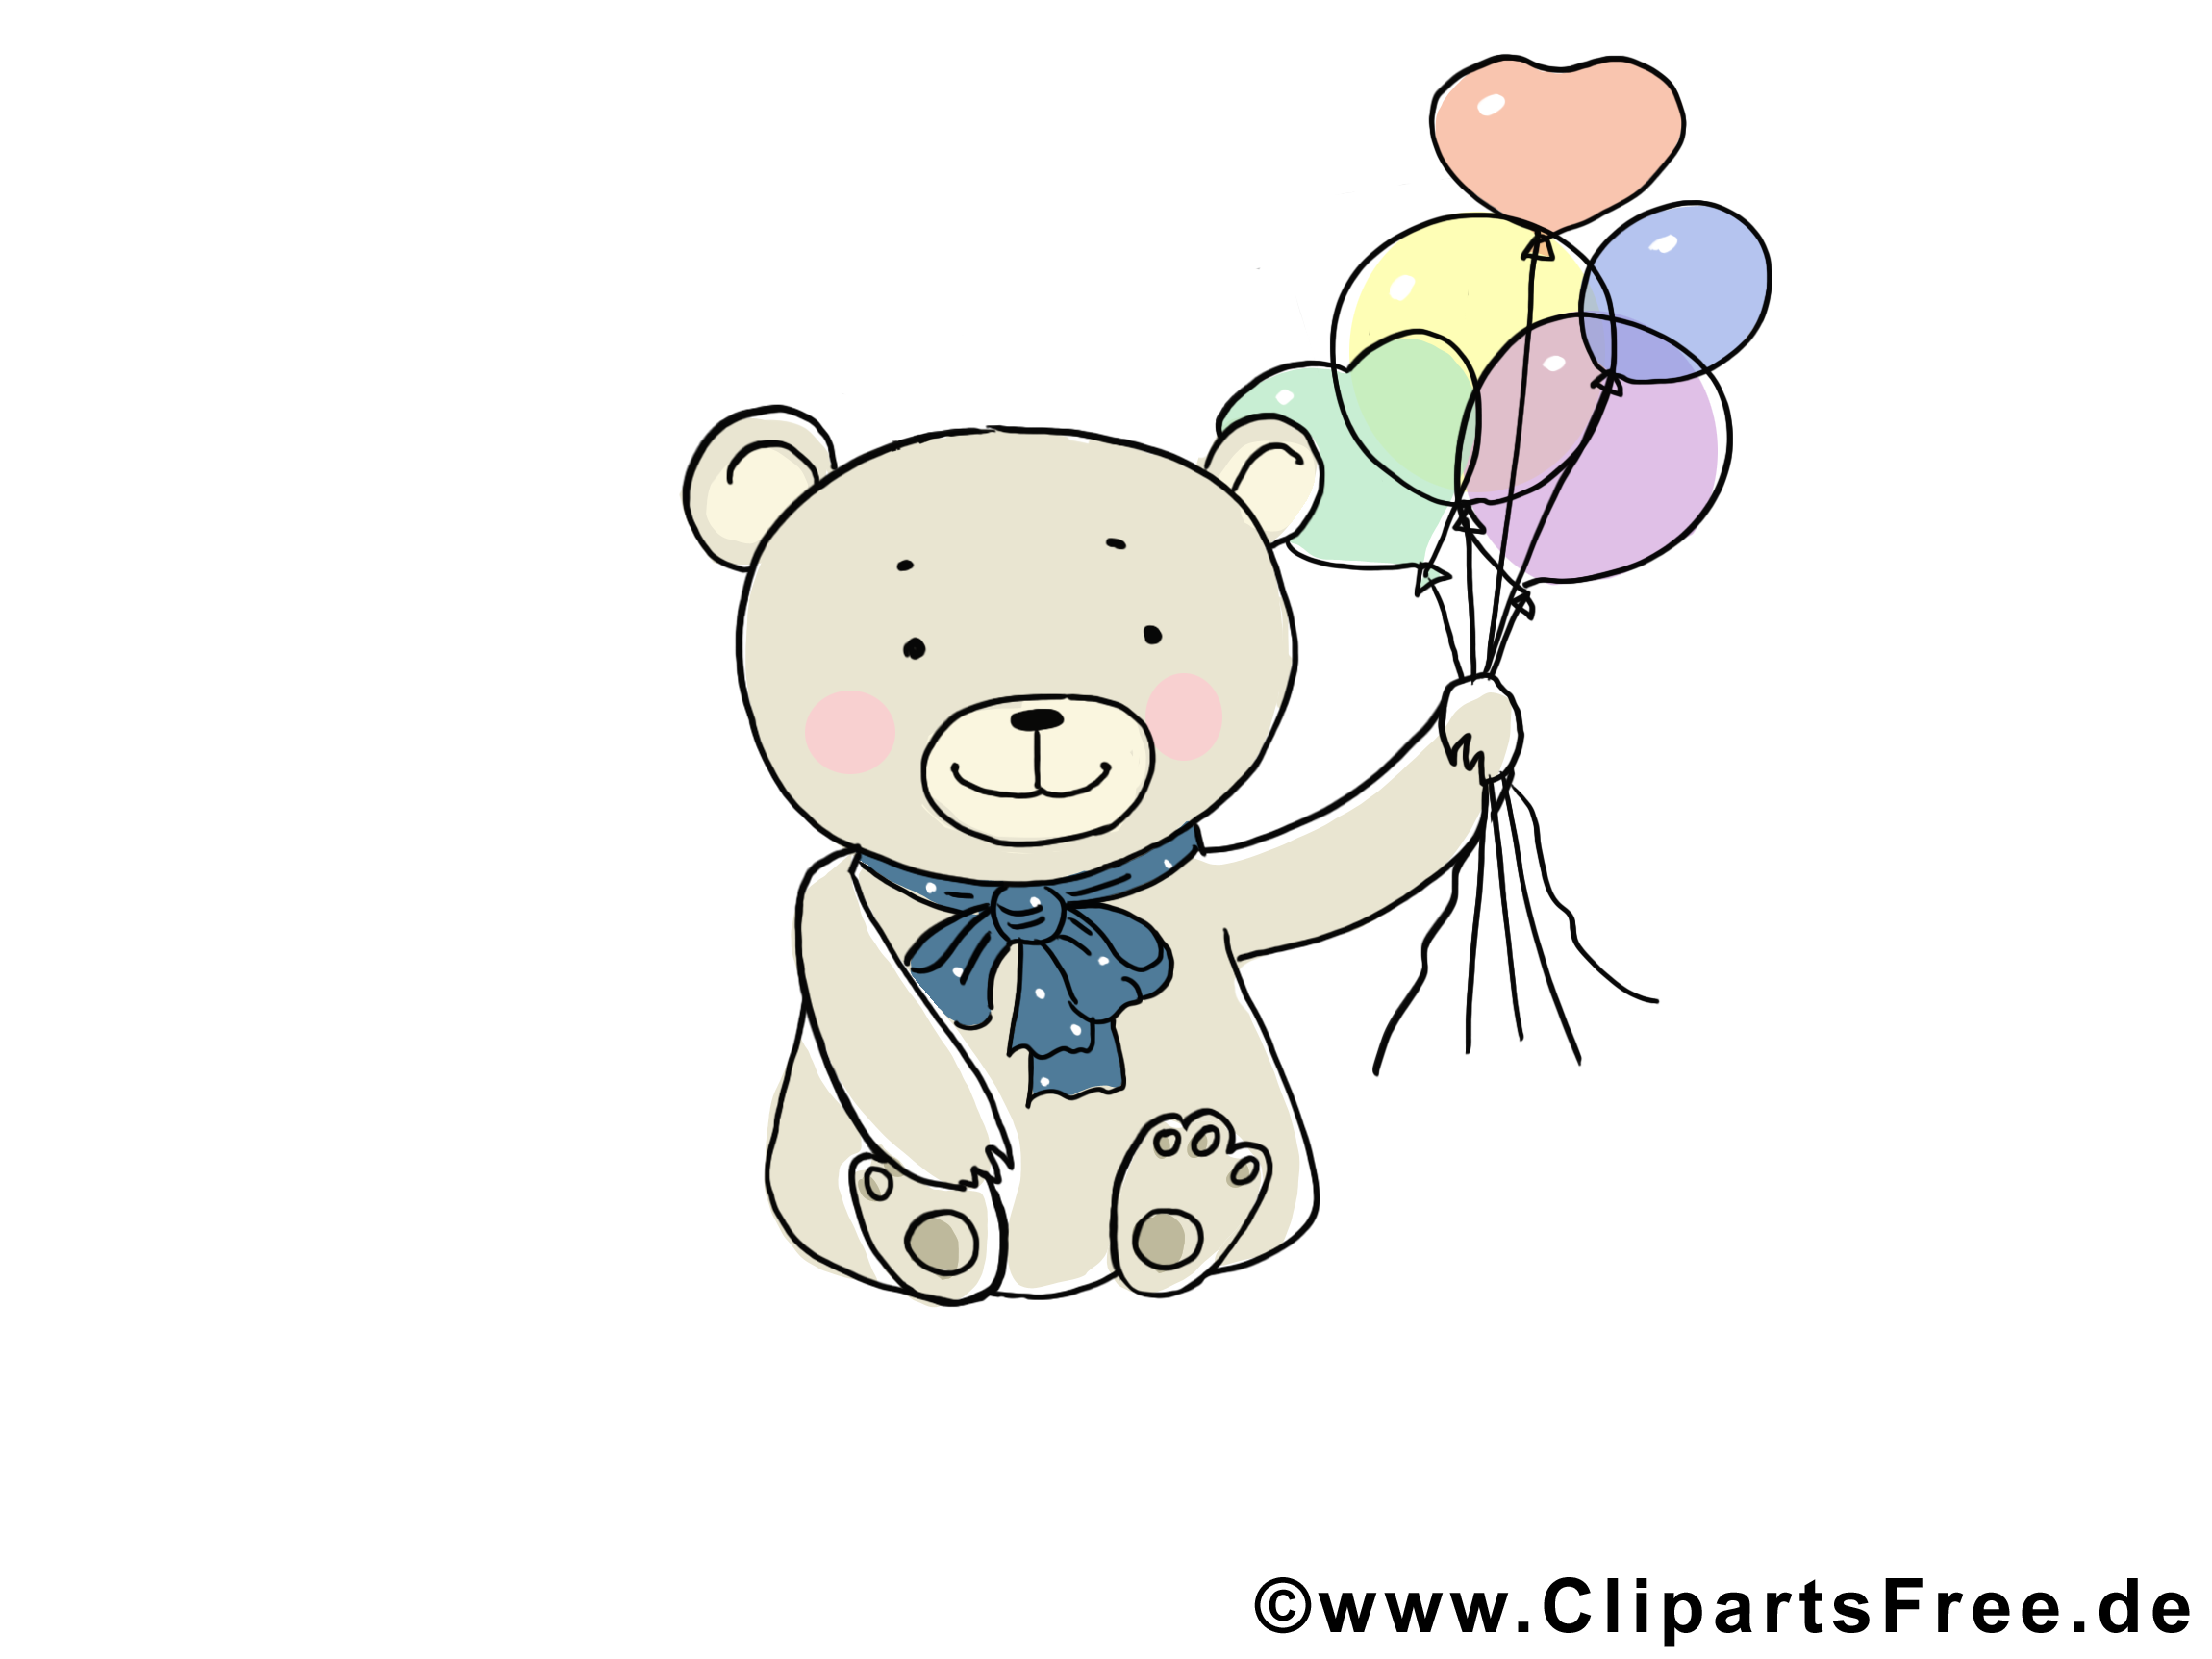 Kostenlose Tierbilder - Baer mit Luftballons